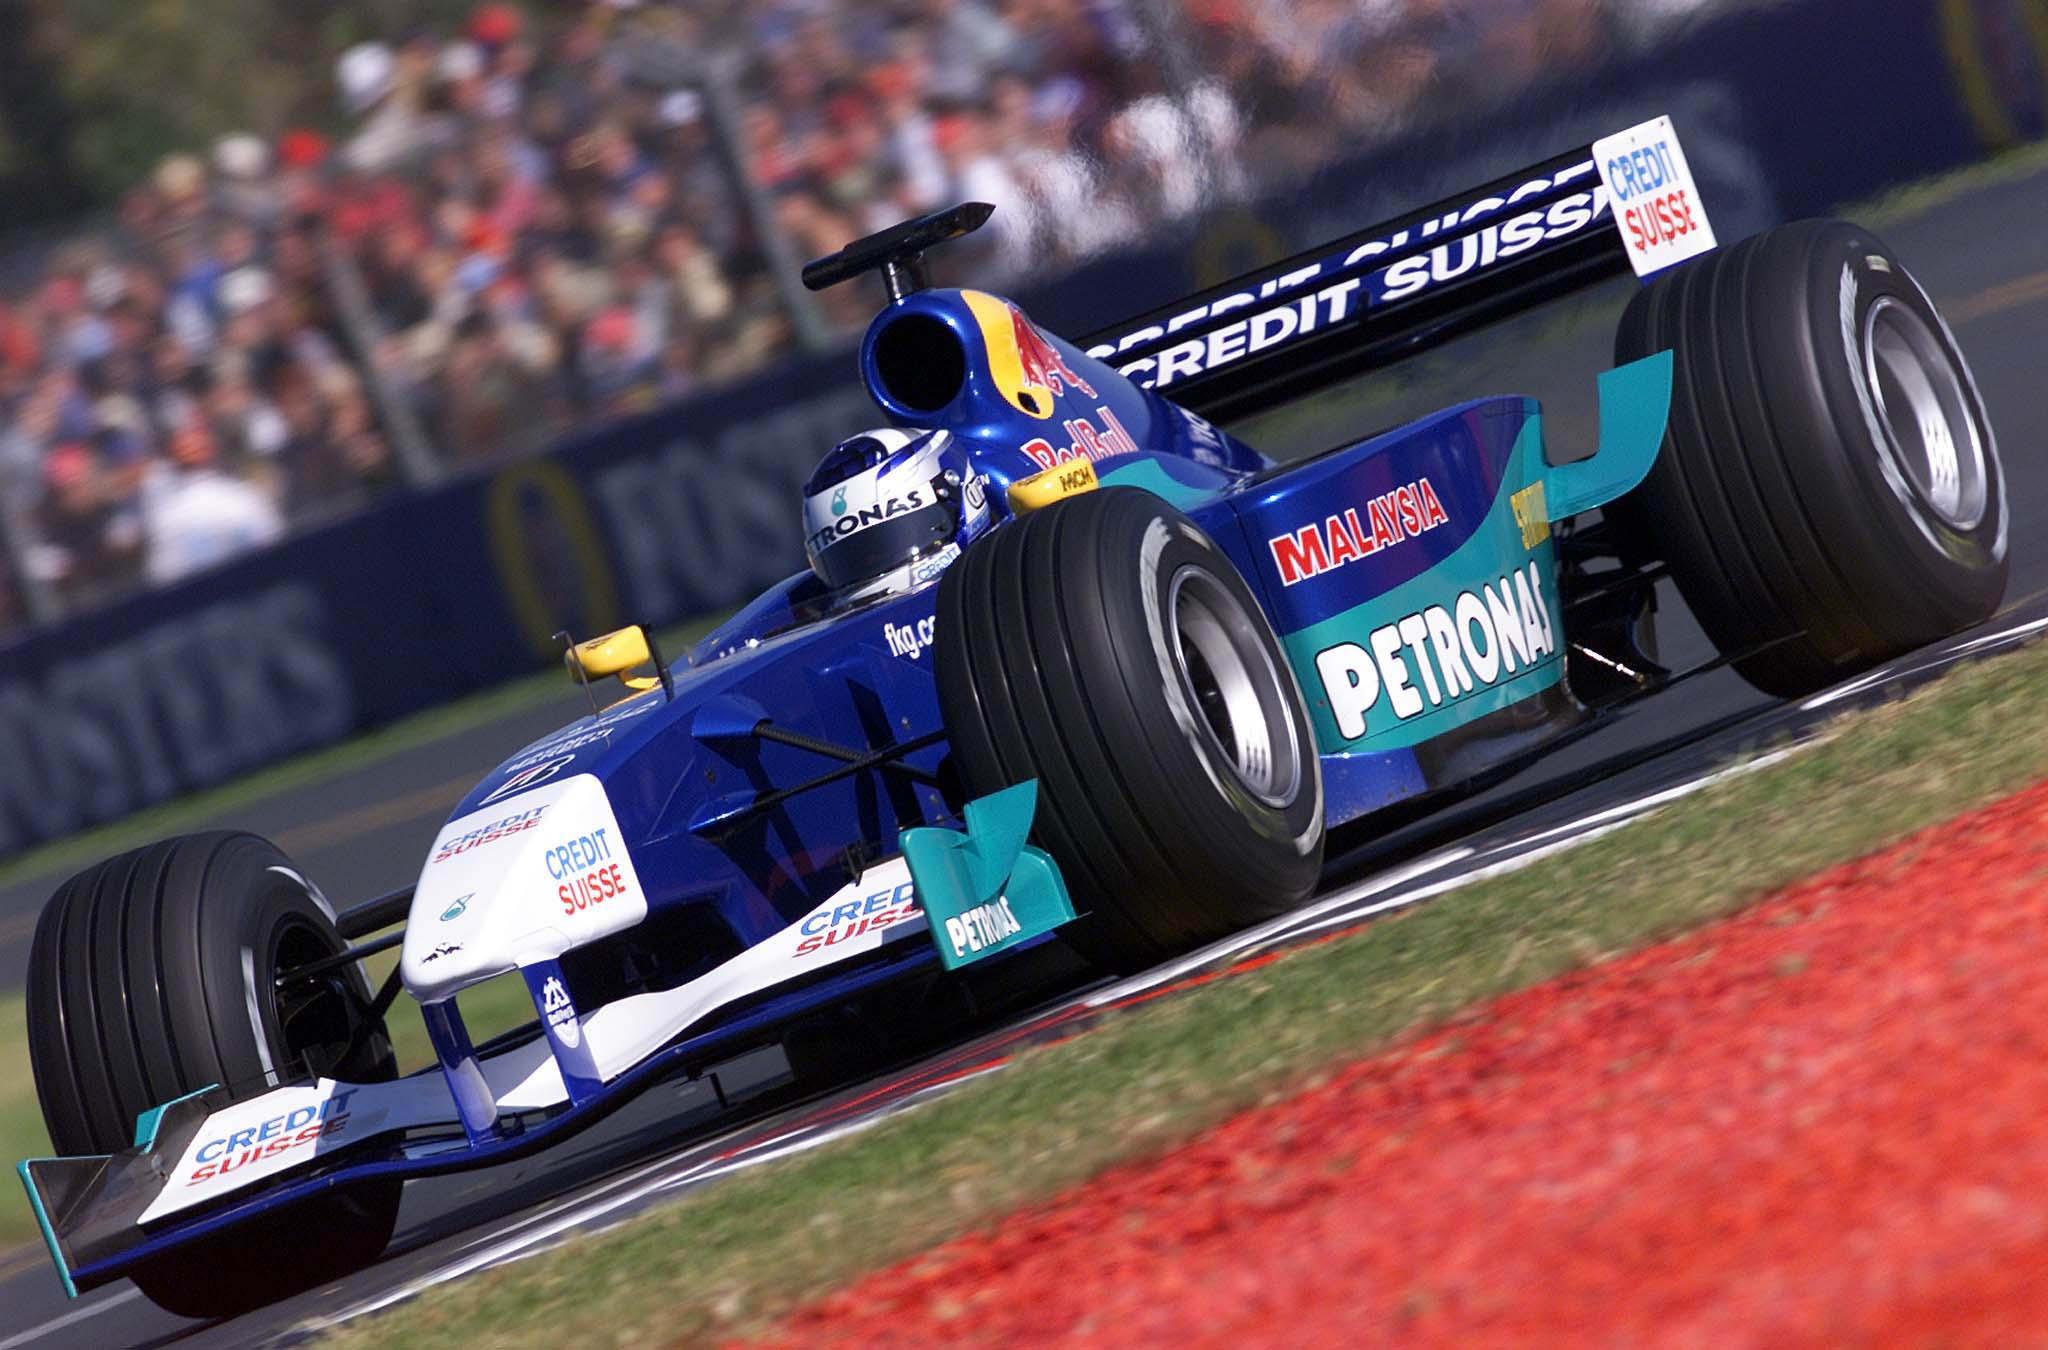 Kimi Raikkonen na svojoj prvoj F1 utrci u Australiji. (4.3.2001.) Foto: f1fanatic